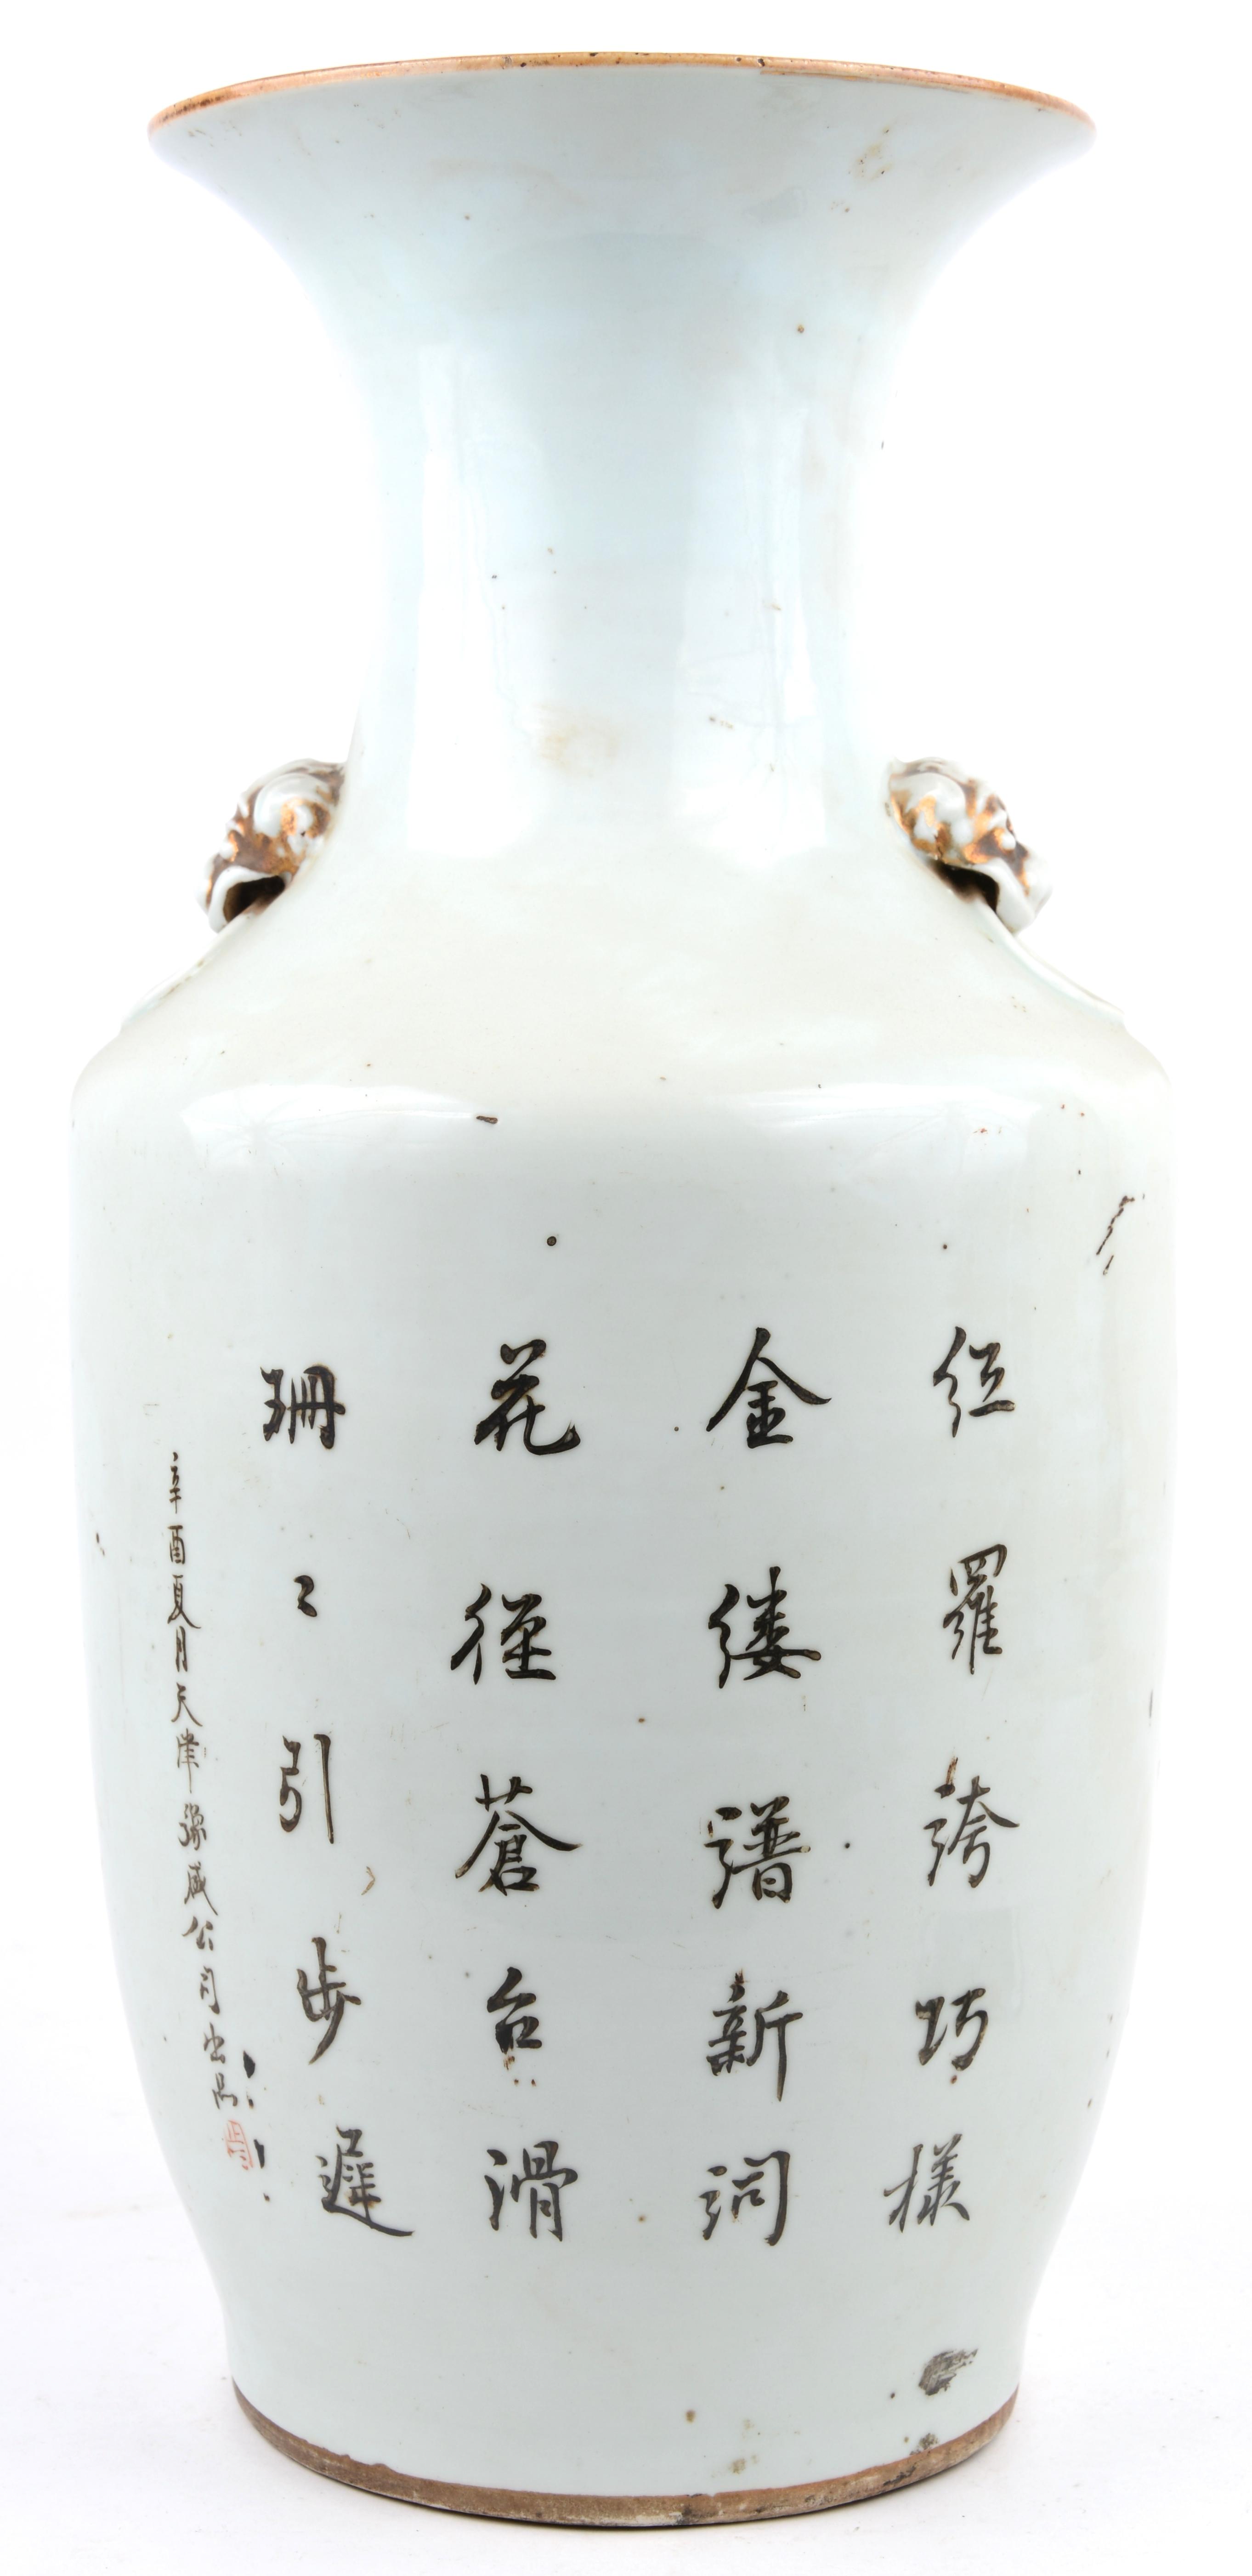 Chinees Porselein Merktekens.Een Lot Van Drie Verschillende Vazen Van Chinees Porselein